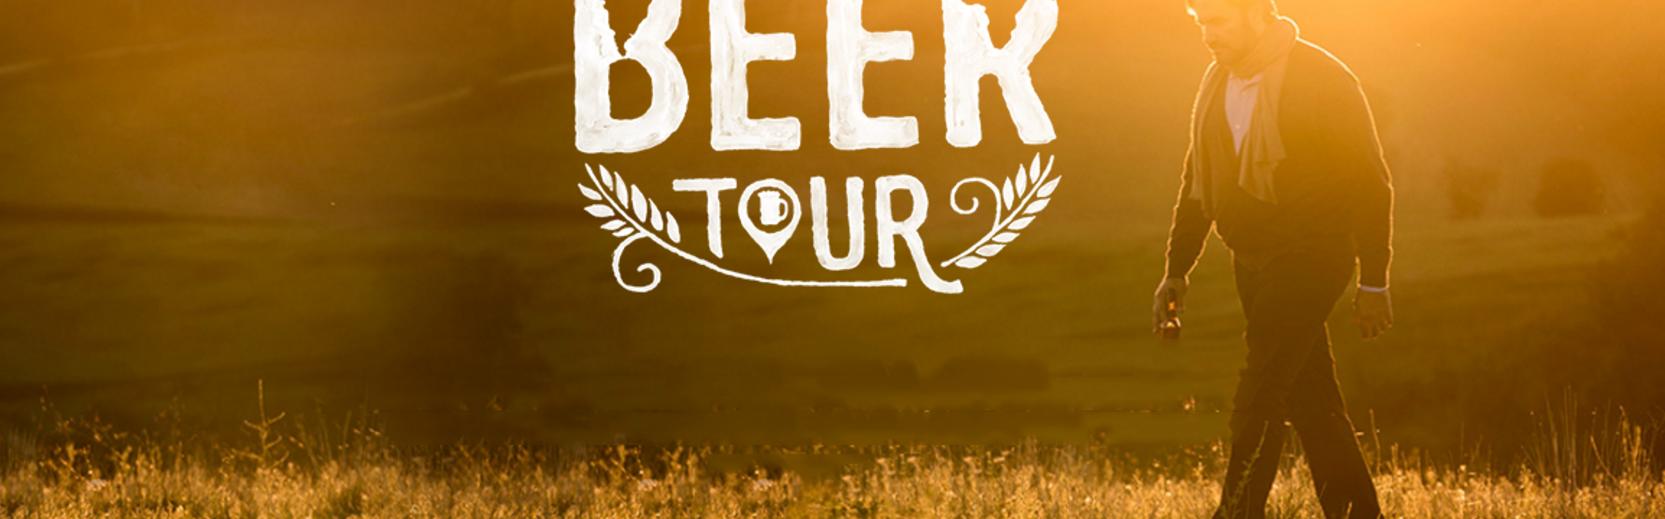 Desktop beertour